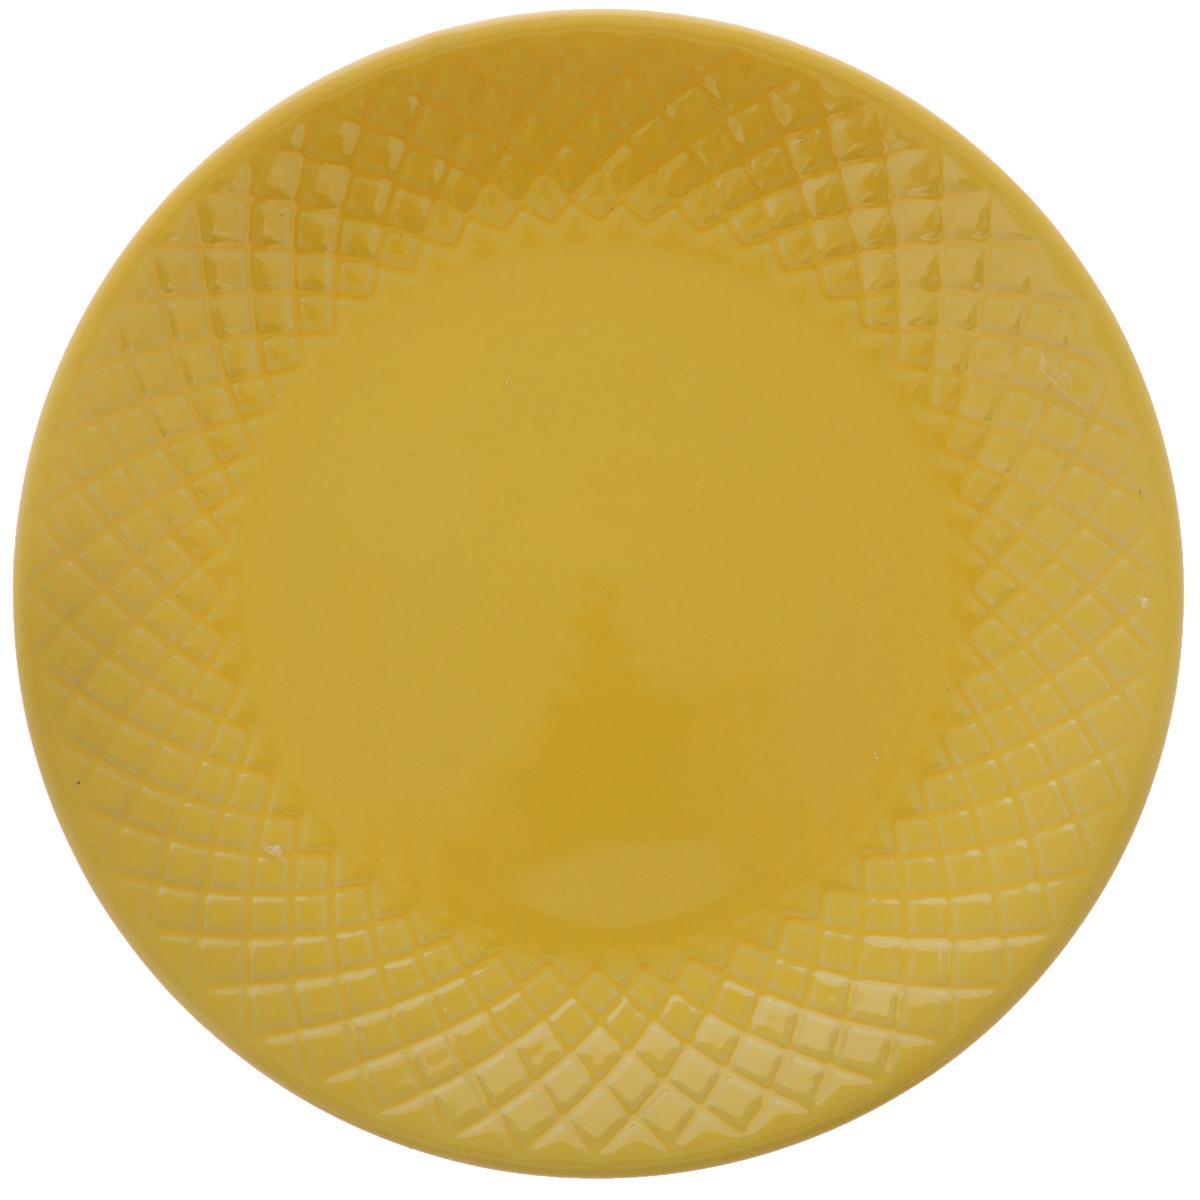 Тарелка обеденная Walmer Amber, цвет: желтый, диаметр 20 смW06132020Обеденная тарелка Walmer Amber, изготовленная из высококачественной керамики, имеет изысканный внешний вид. Яркий дизайн придется по вкусу и ценителям классики, и тем, кто предпочитает утонченность. Тарелка Walmer Amber идеально подойдет для сервировки стола и станет отличным подарком к любому празднику. Диаметр (по верхнему краю): 20 см